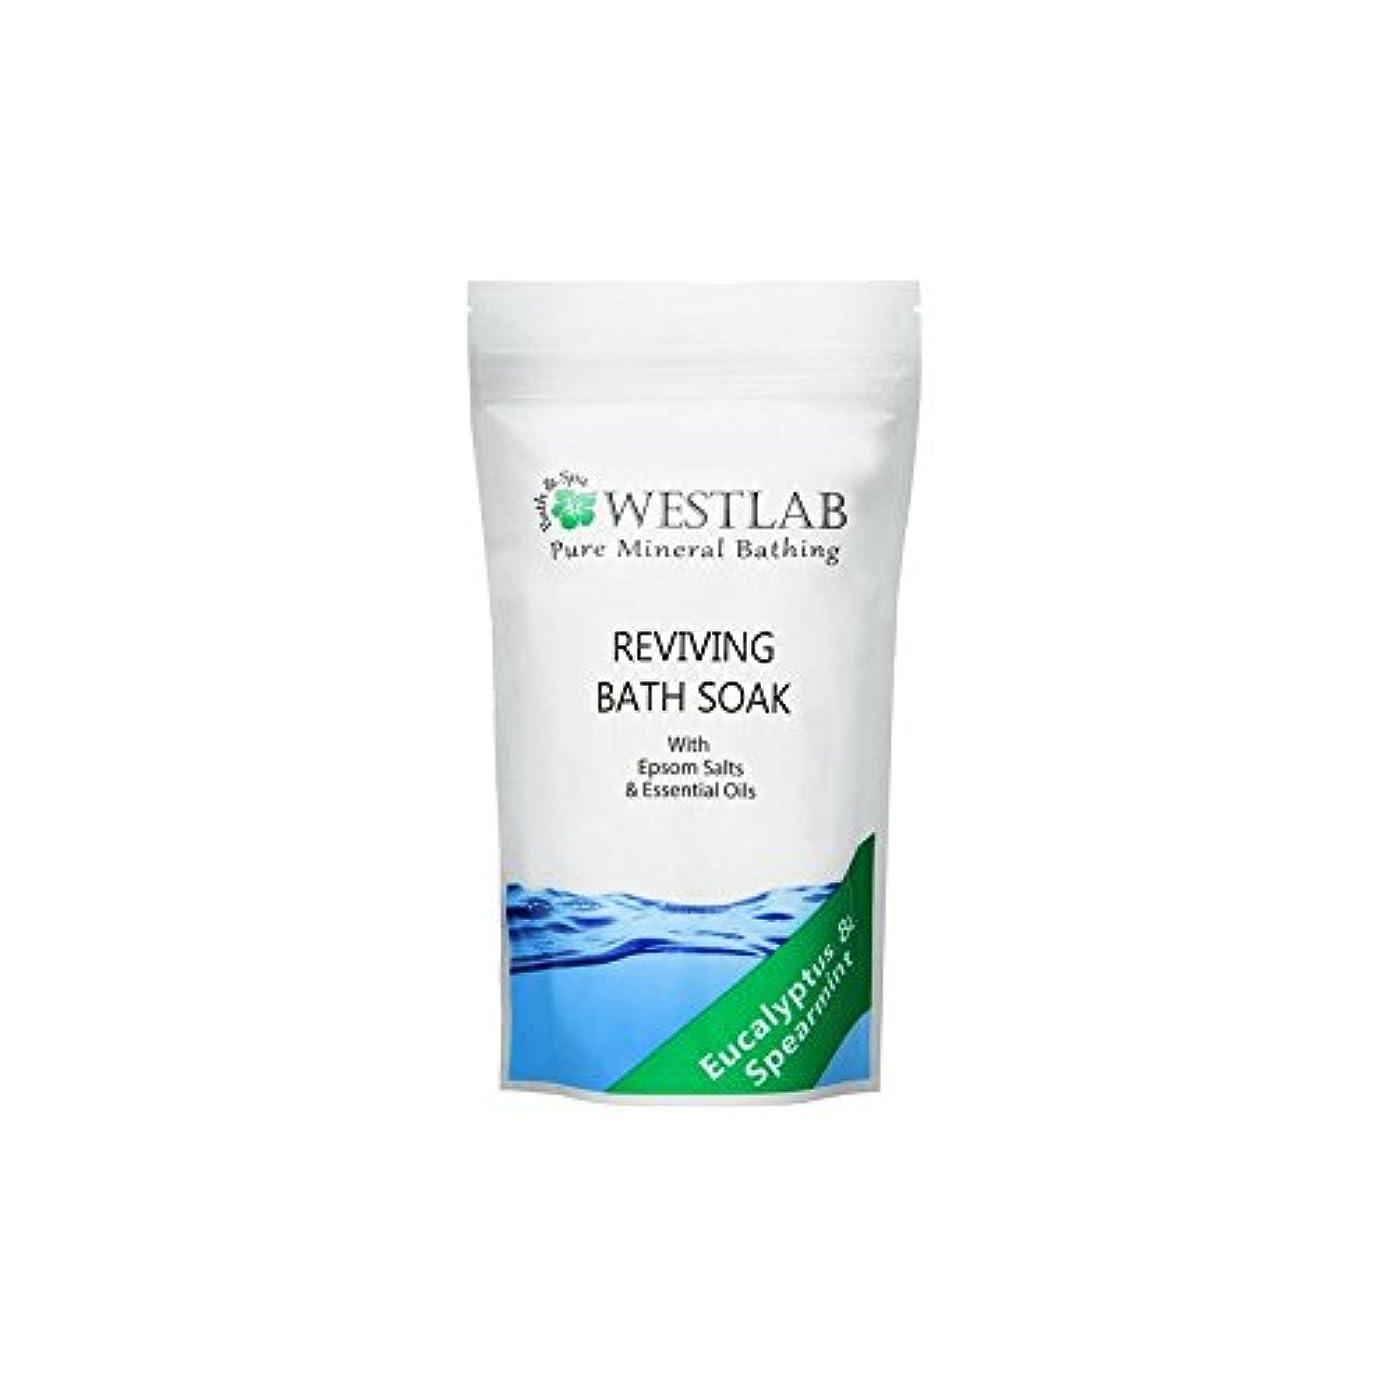 有力者恒久的センチメンタル(500グラム)をソークエプソム塩浴を復活させます x2 - Westlab Revive Epsom Salt Bath Soak (500g) (Pack of 2) [並行輸入品]